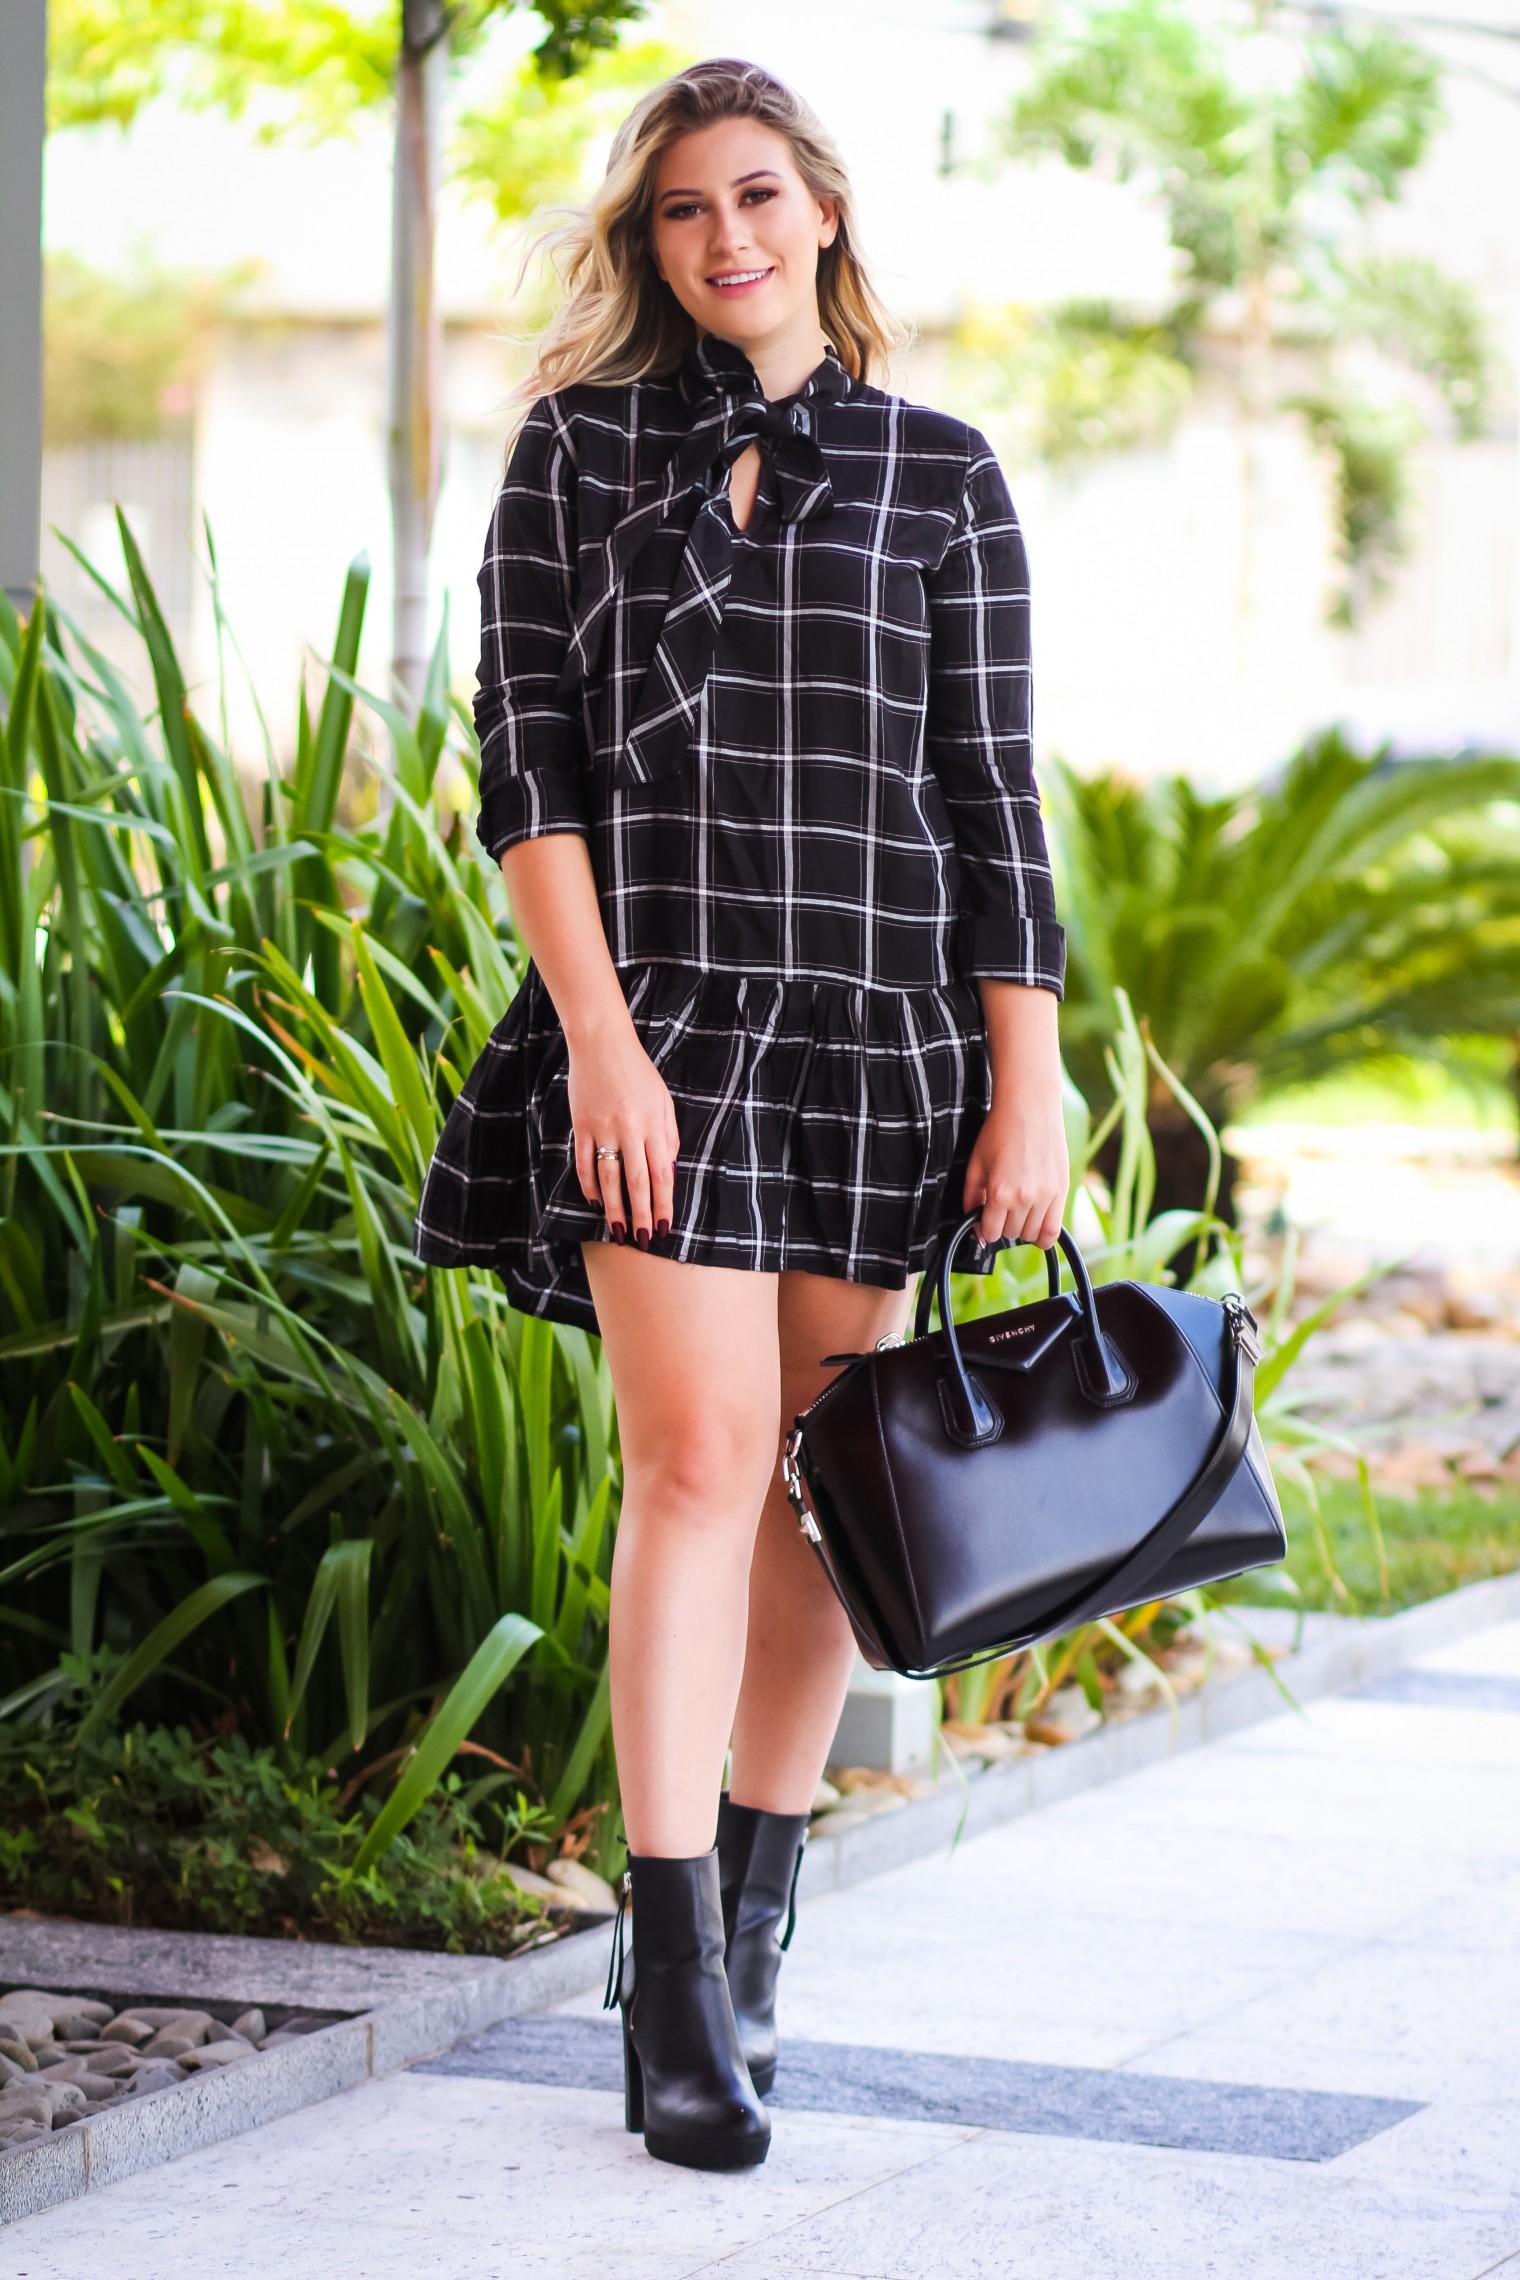 378c71c02 Os vestidos voltando aqui para os looks, yayyyy :) Acho que é a melhor peça  para investir agora no verão, né? Eu gosto bastante e estou sempre usando  um ...